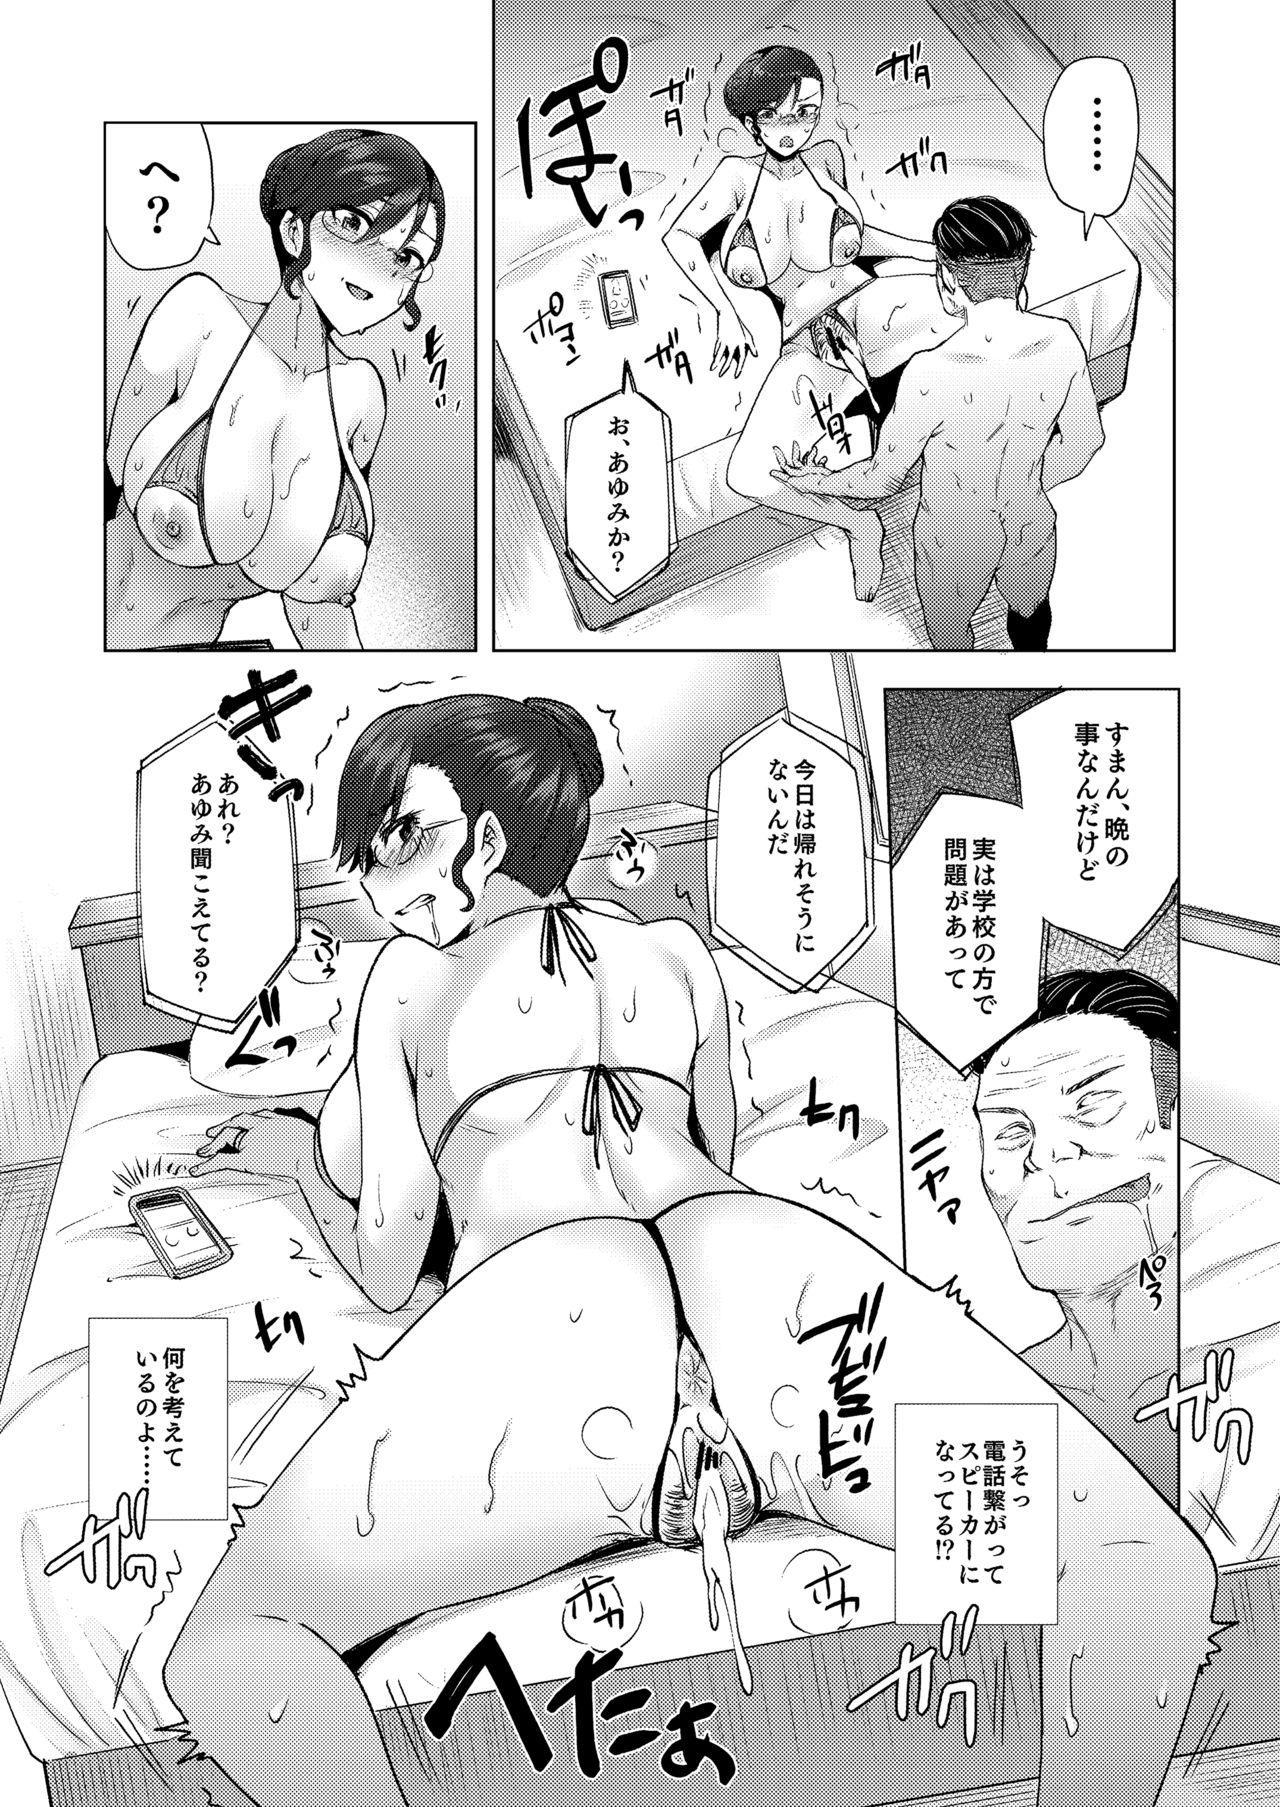 Watashi ga Manbiki o Shita Wake o Kiite Kudasai 2 22